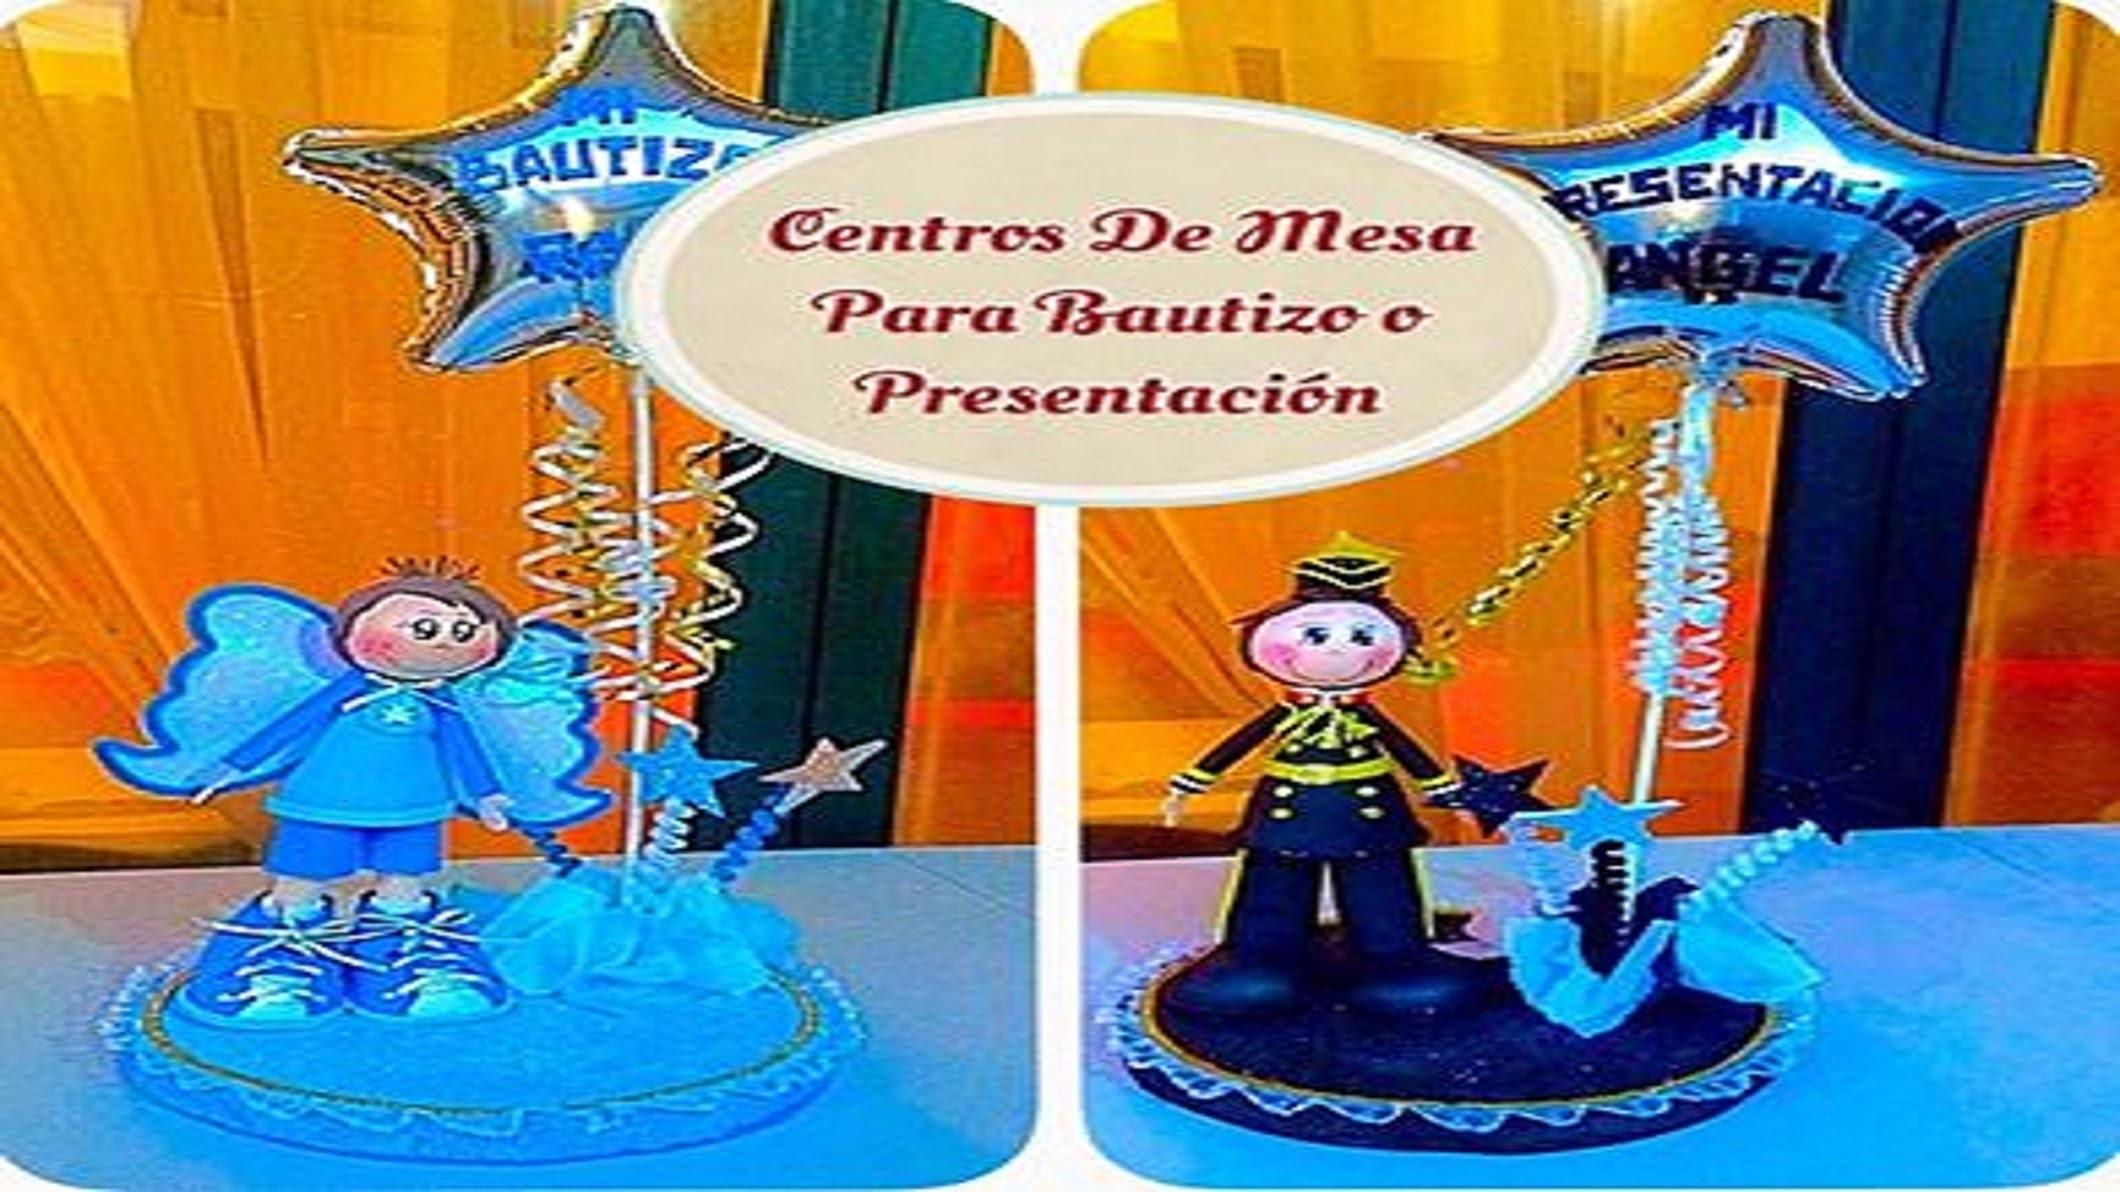 Centros De Mesa (( Bautizo y Presentación ))